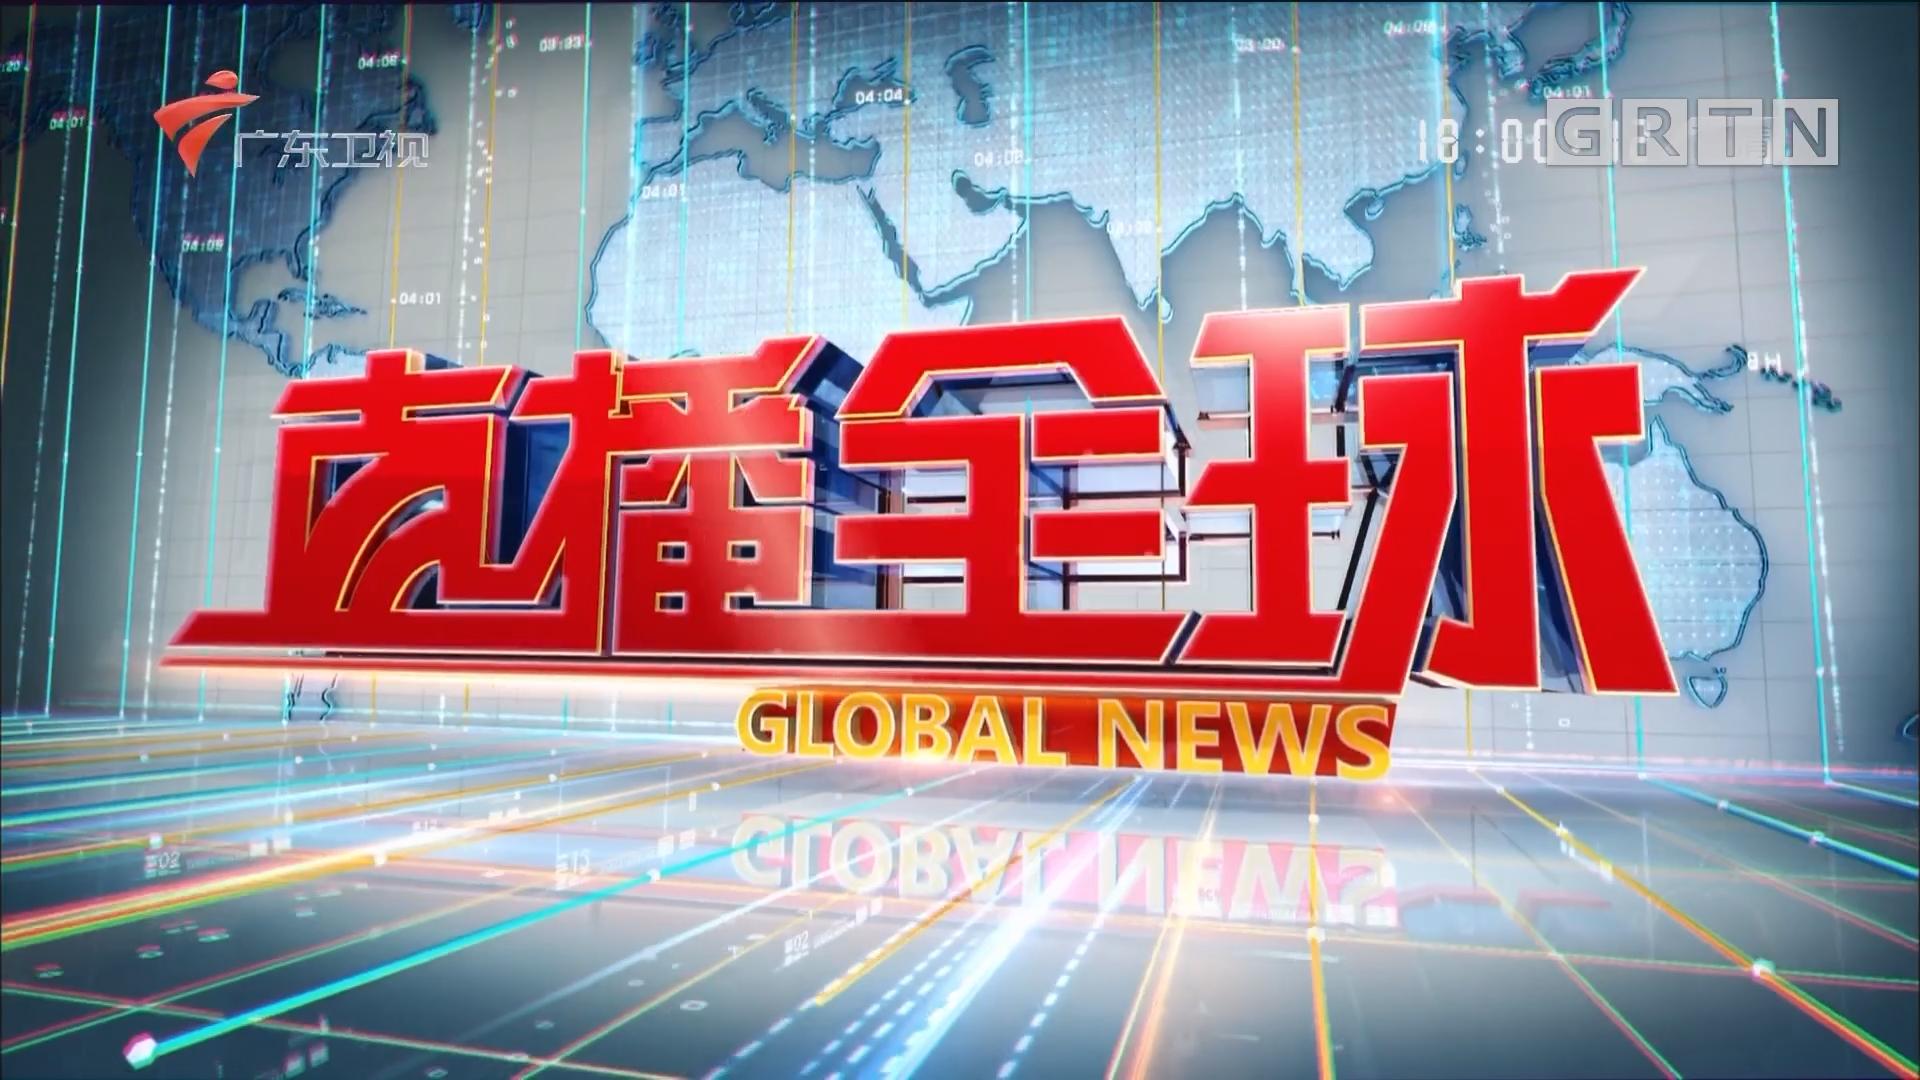 [HD][2017-09-06]直播全球:普京拒评特朗普:我不是他的新郎 美媒解读:避免作出批评言论